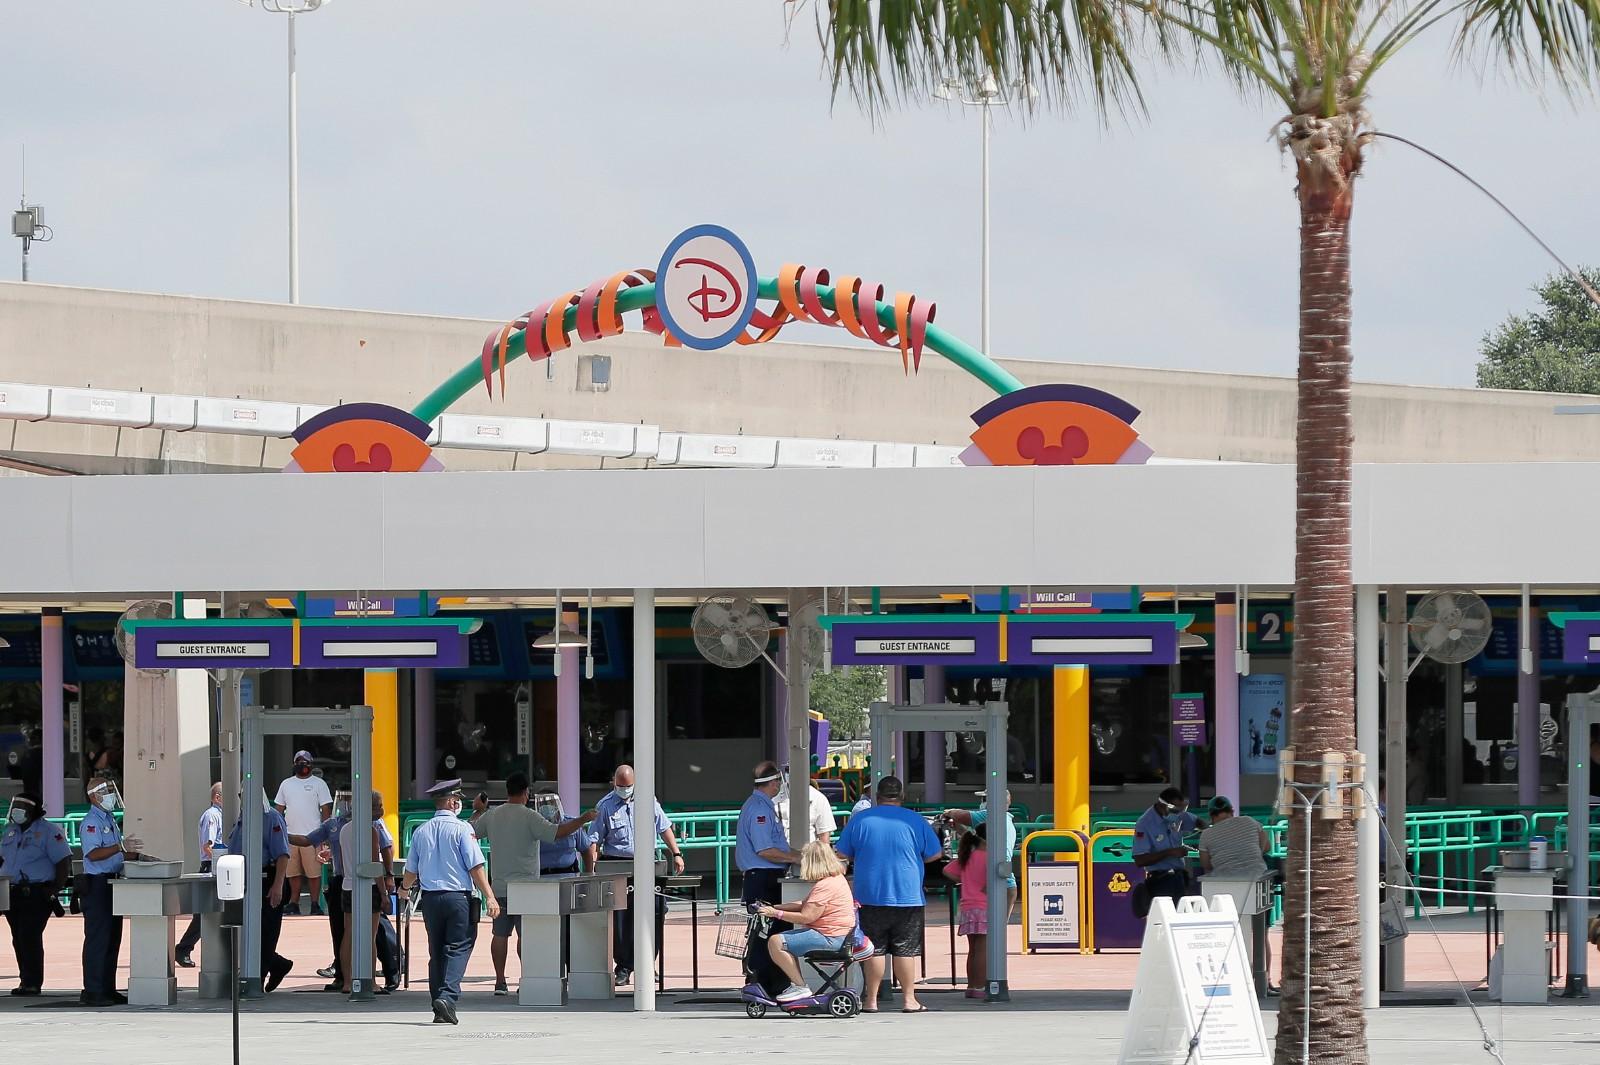 佛州疫情蔓延之际 迪士尼乐园重新开放 游客量大幅减少